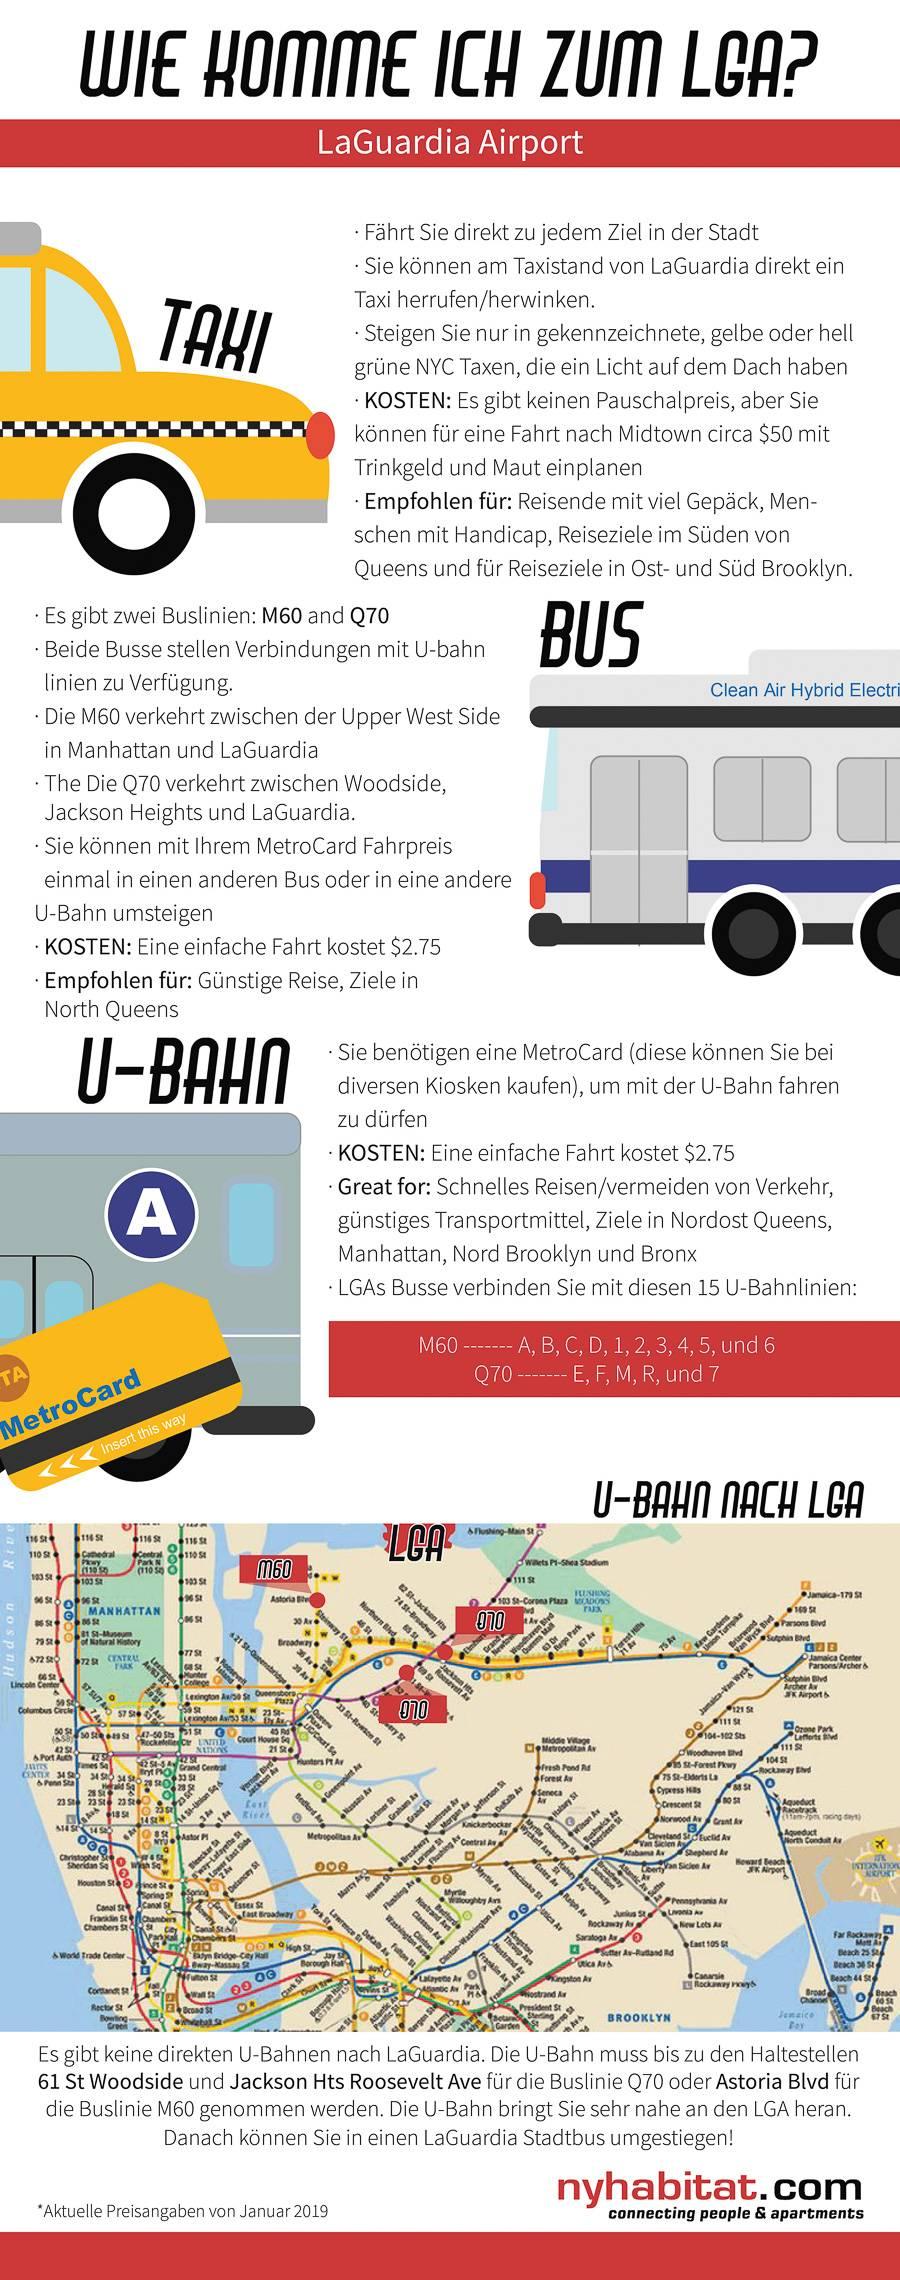 New York Habitat Informationsgrafik, die die Transportmöglichkeiten nach LaGuardia zeigt. Inklusive Taxi, Bus und U-Bahn.